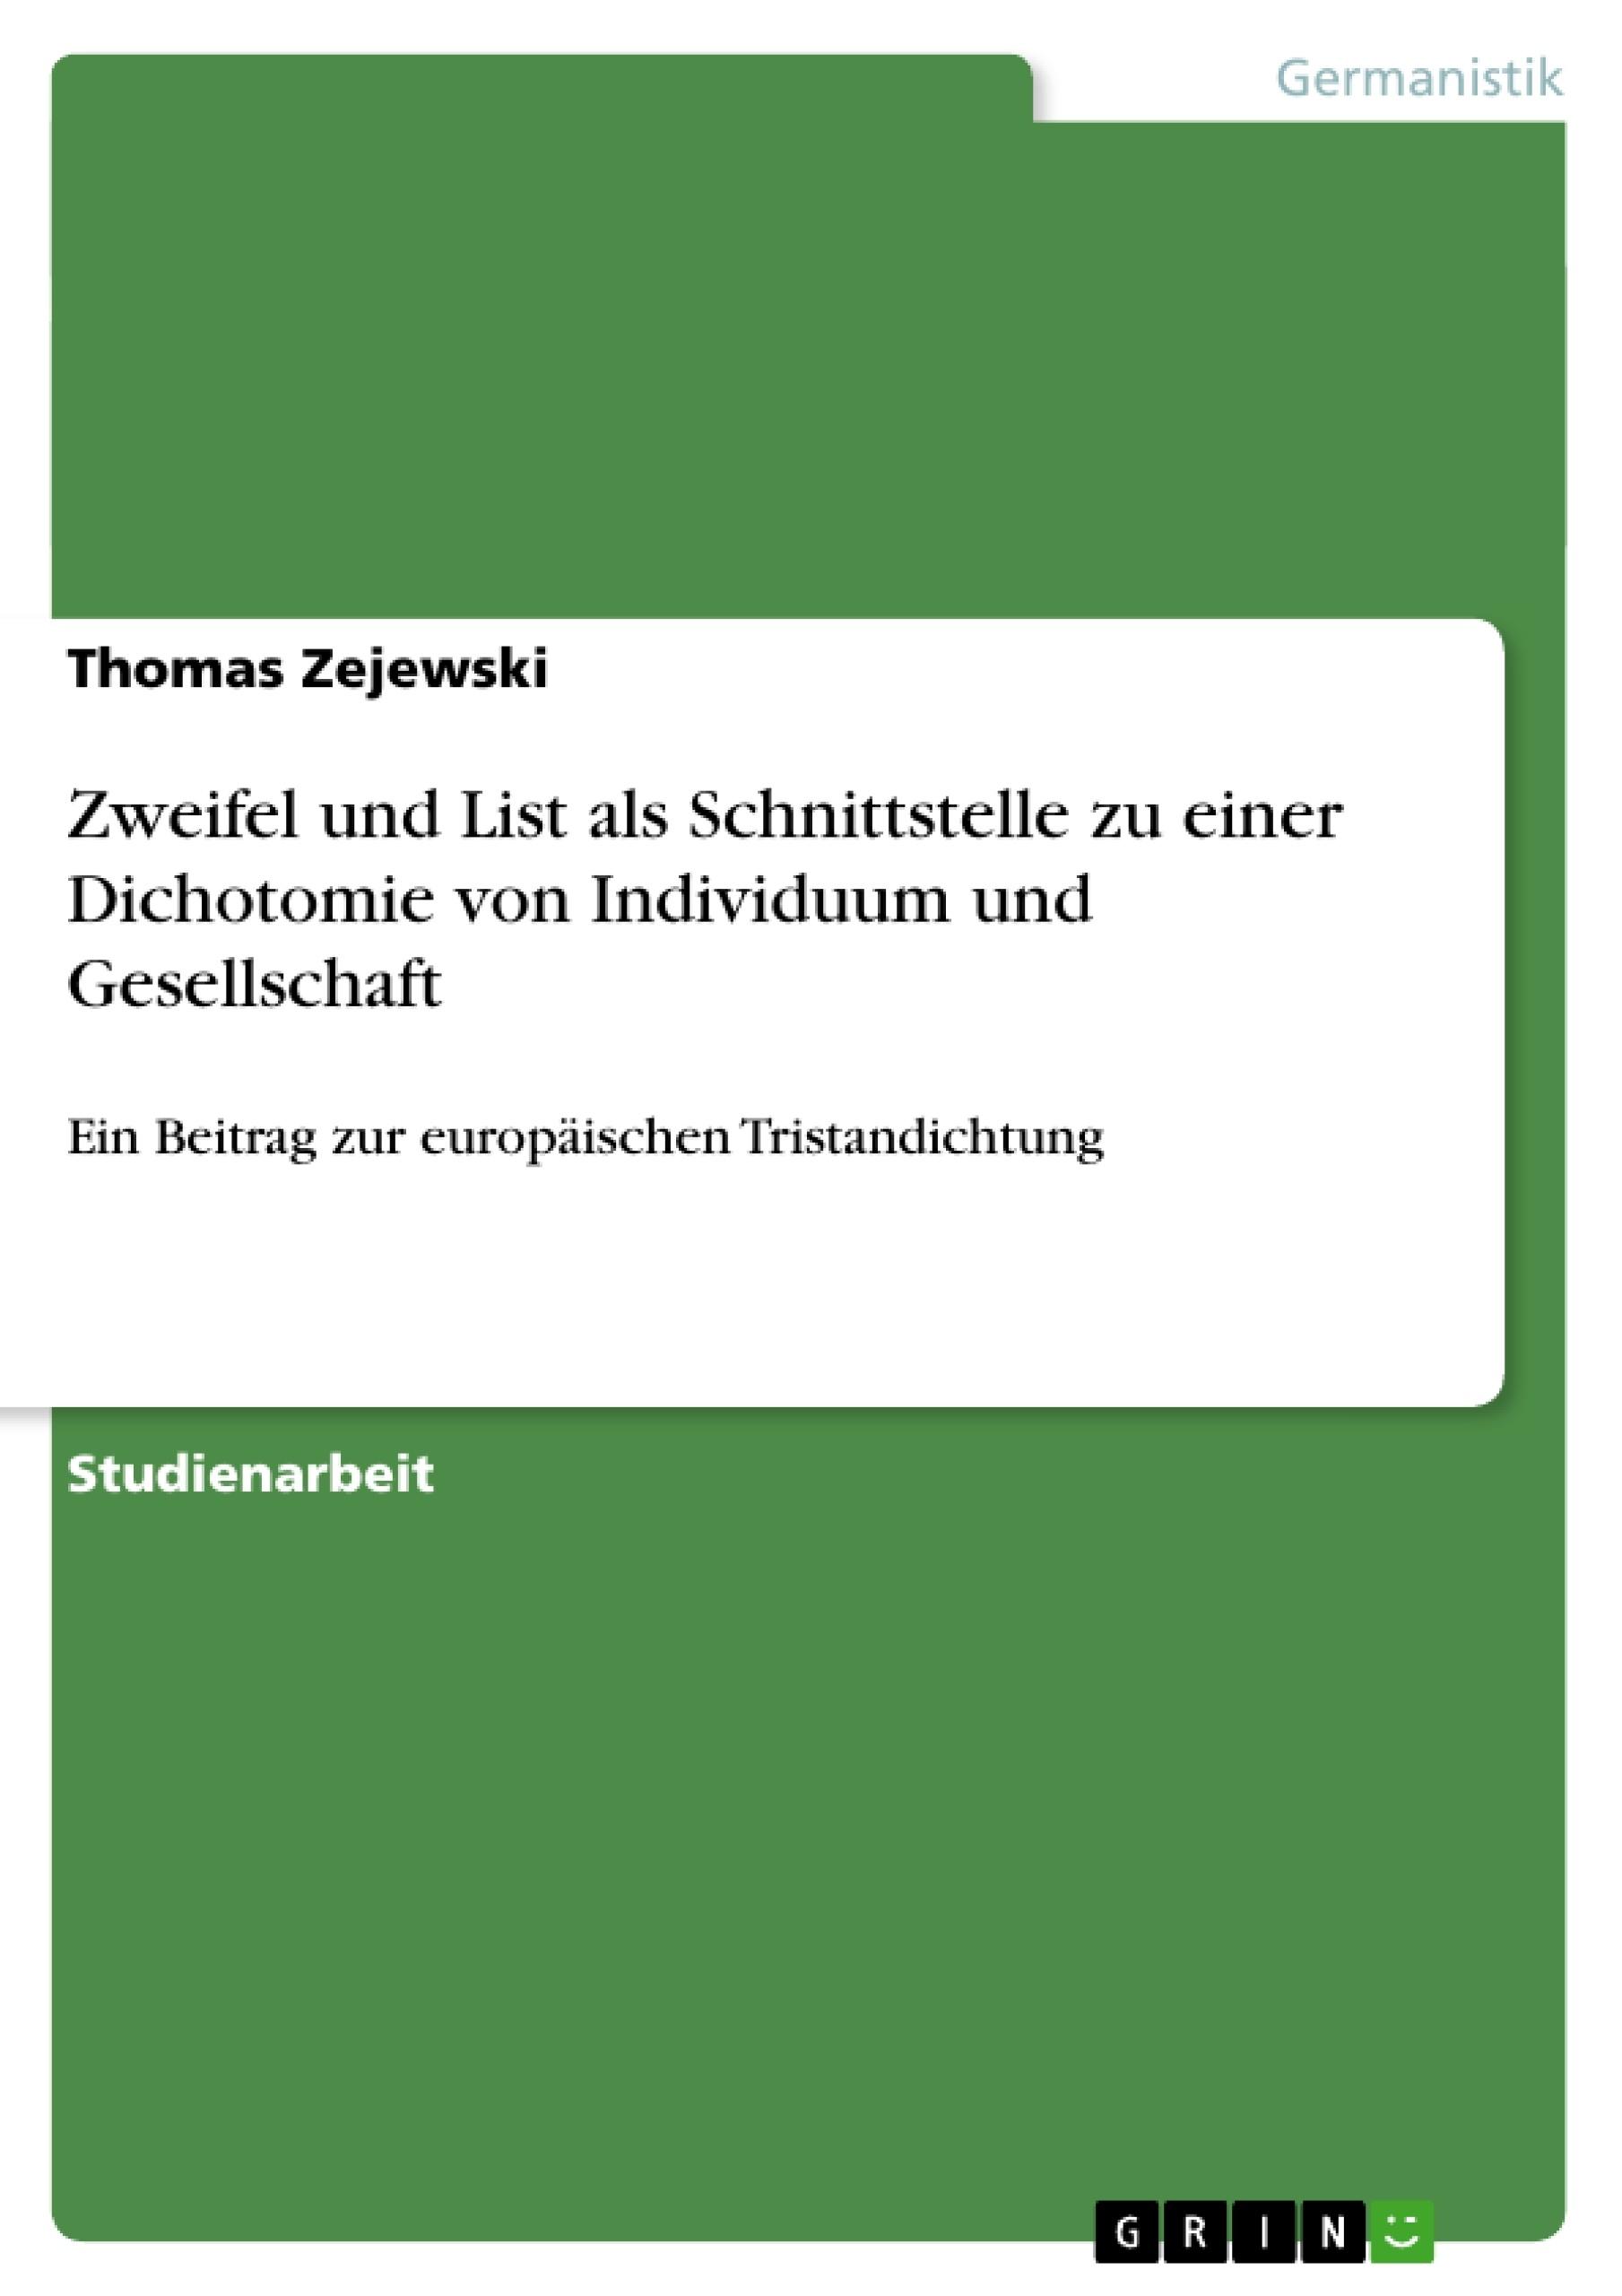 Titel: Zweifel und List als Schnittstelle zu einer Dichotomie von Individuum und Gesellschaft